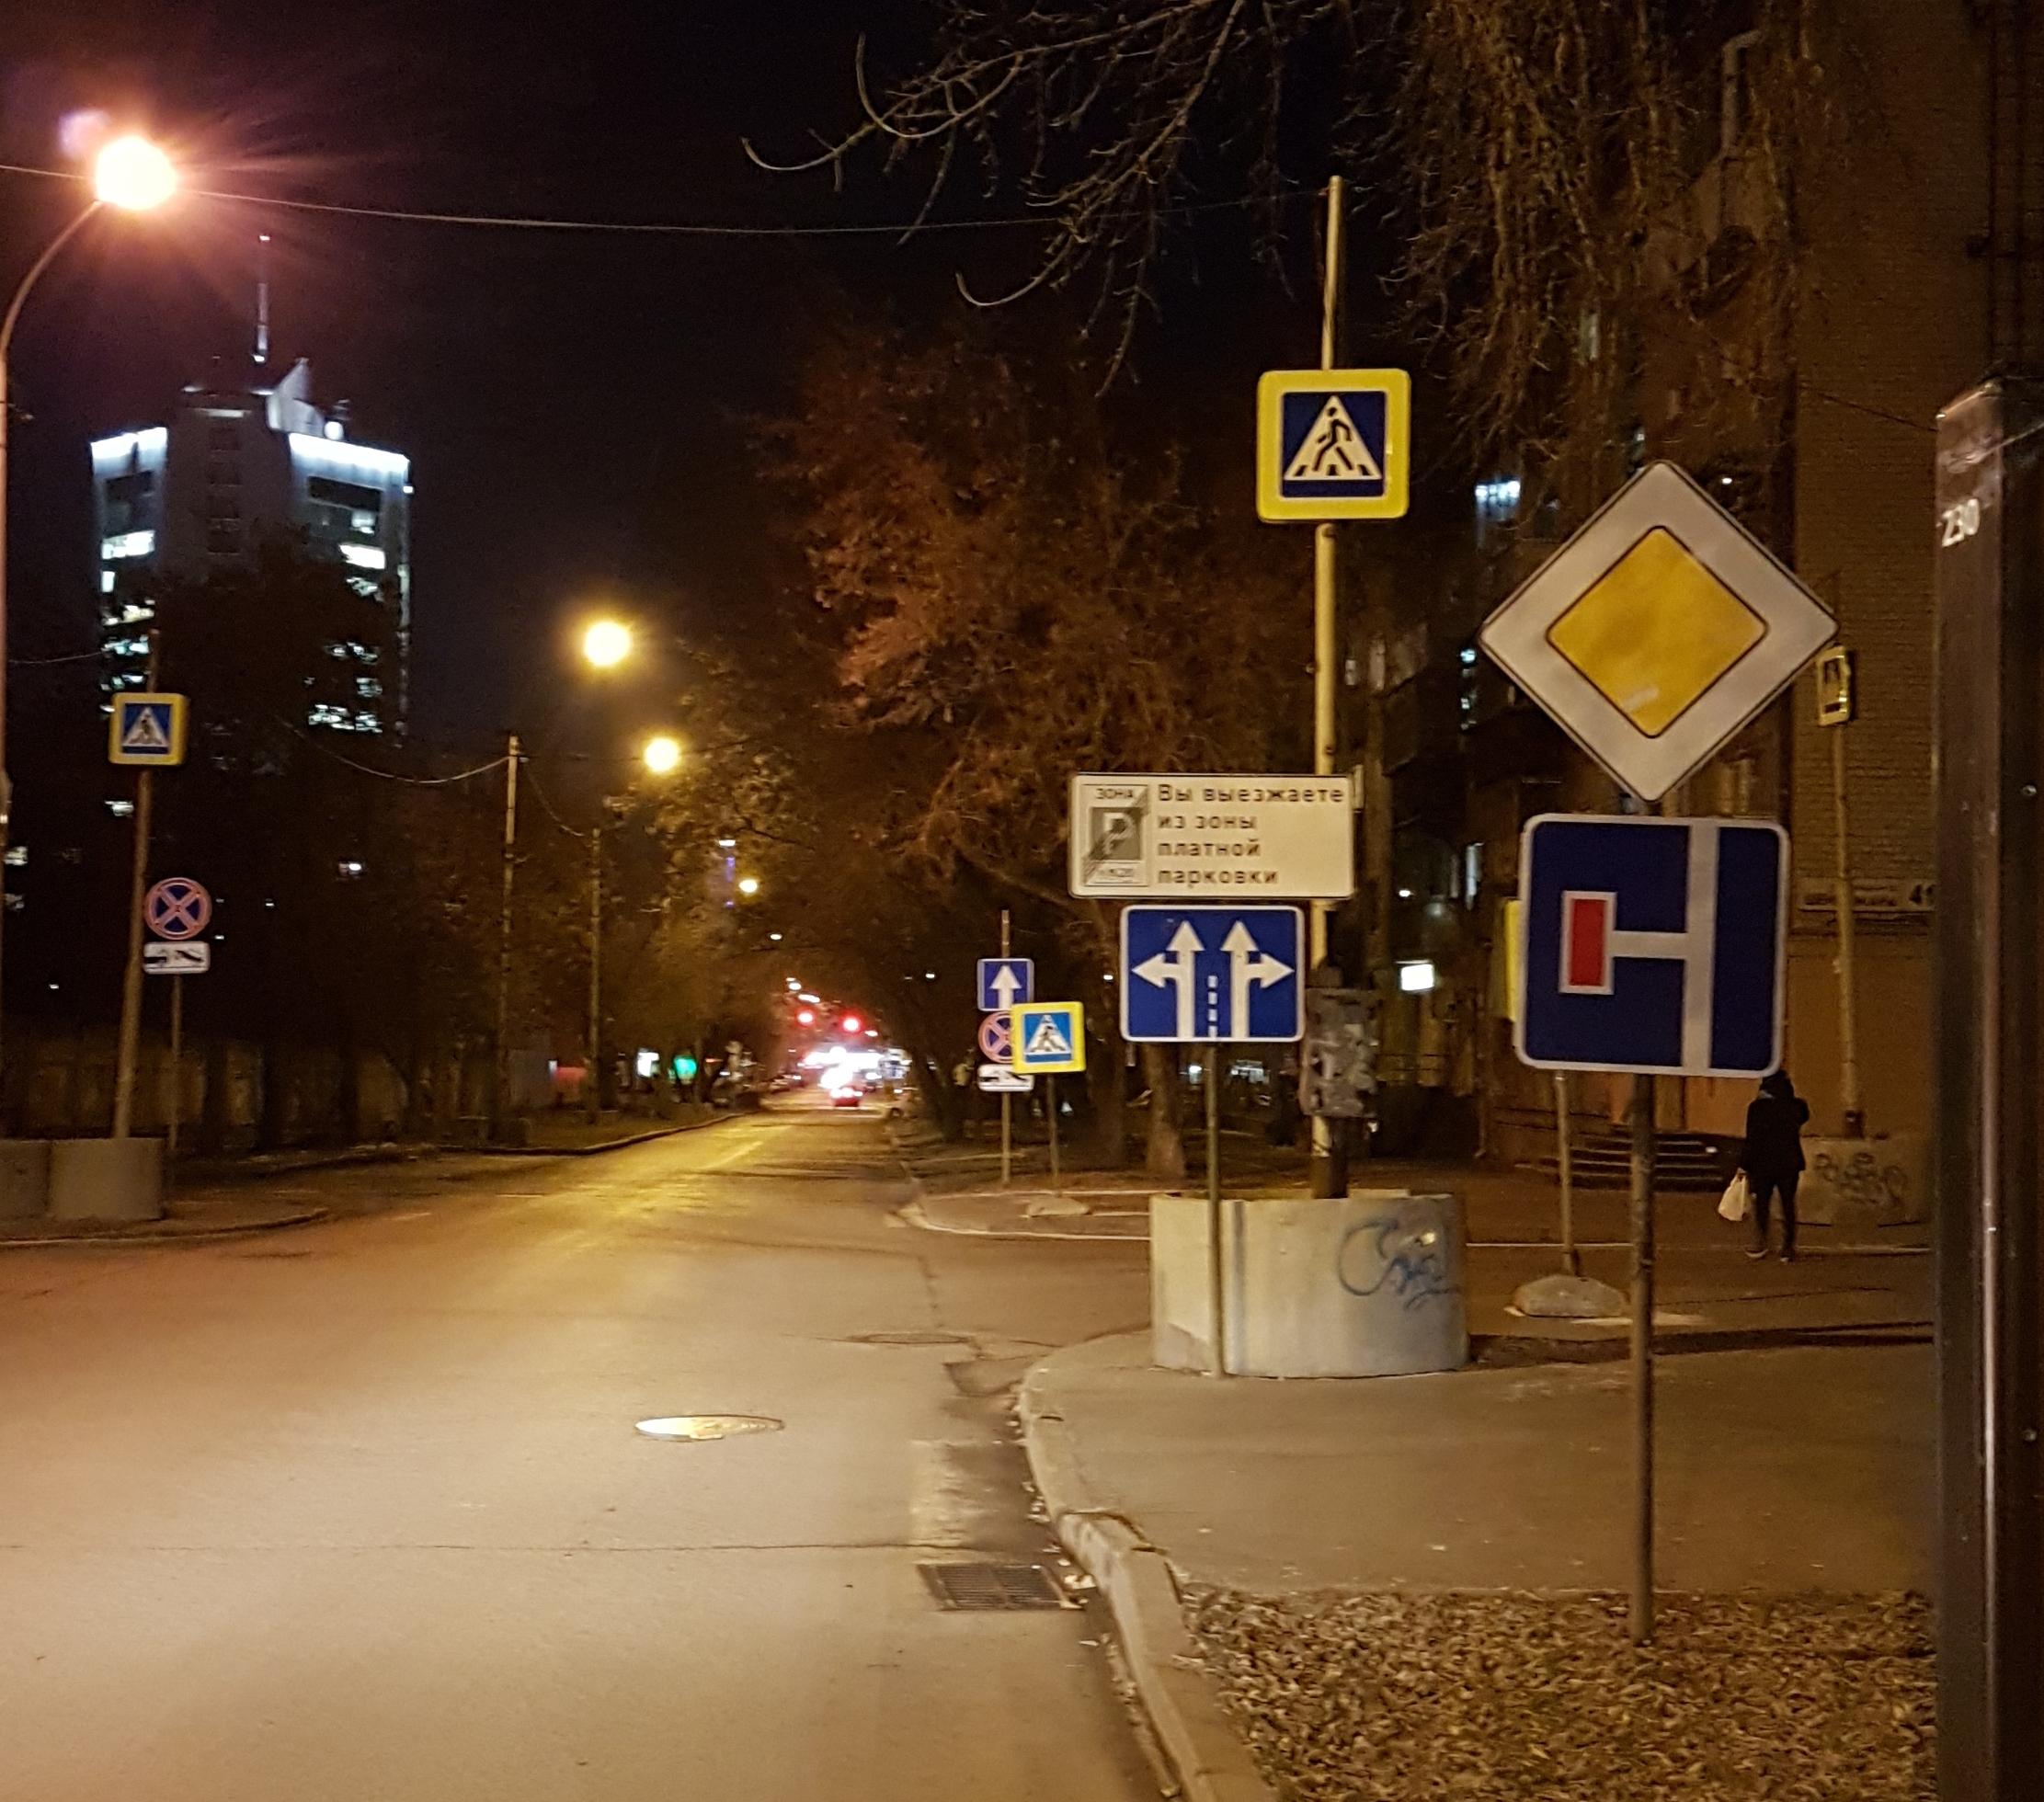 Автомобилисты, будьте внимательны! На перекрестке Шейнкмана — Попова исчез светофор